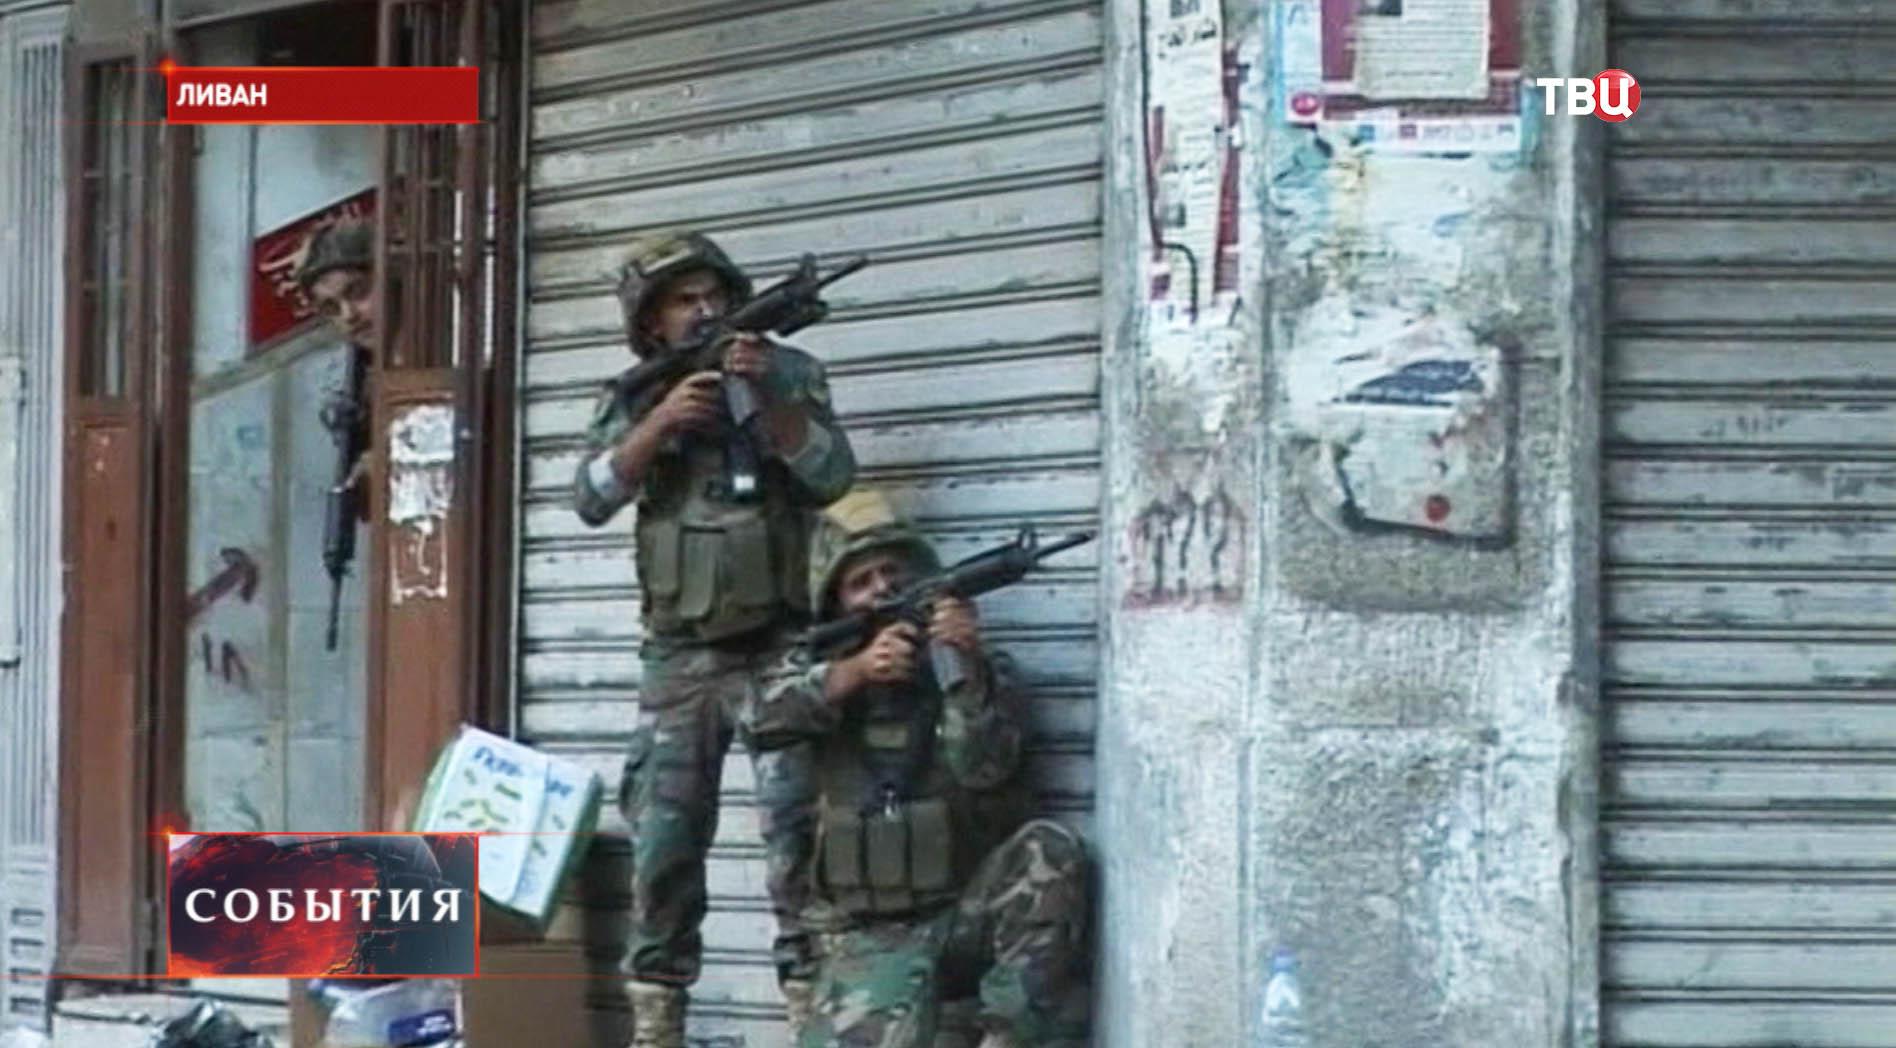 Военные действия в Ливане